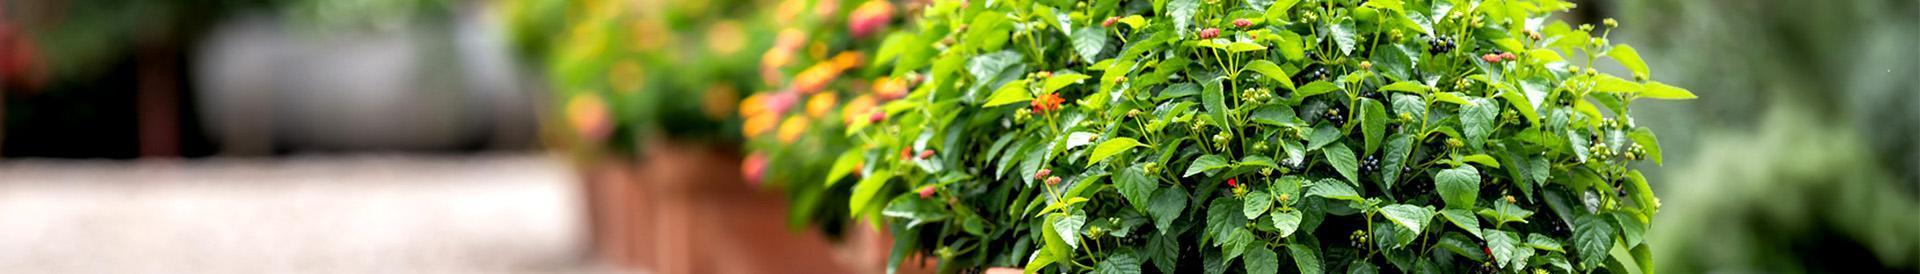 roślina ozdobna